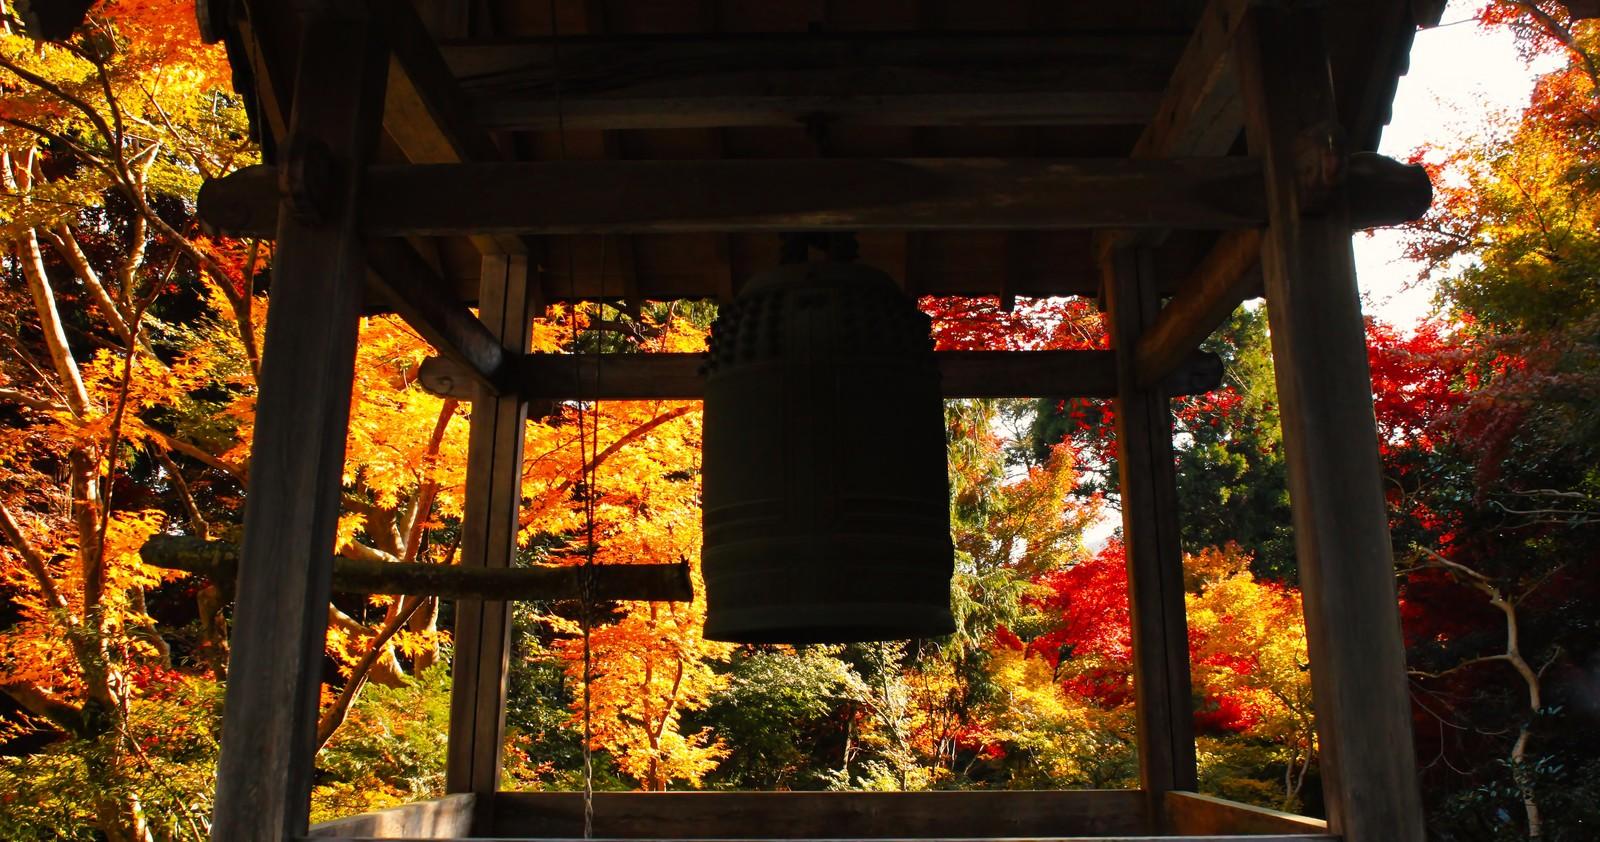 津島市周辺で御朱印巡りをしよう!アート調で人気の神社やお寺が多数!